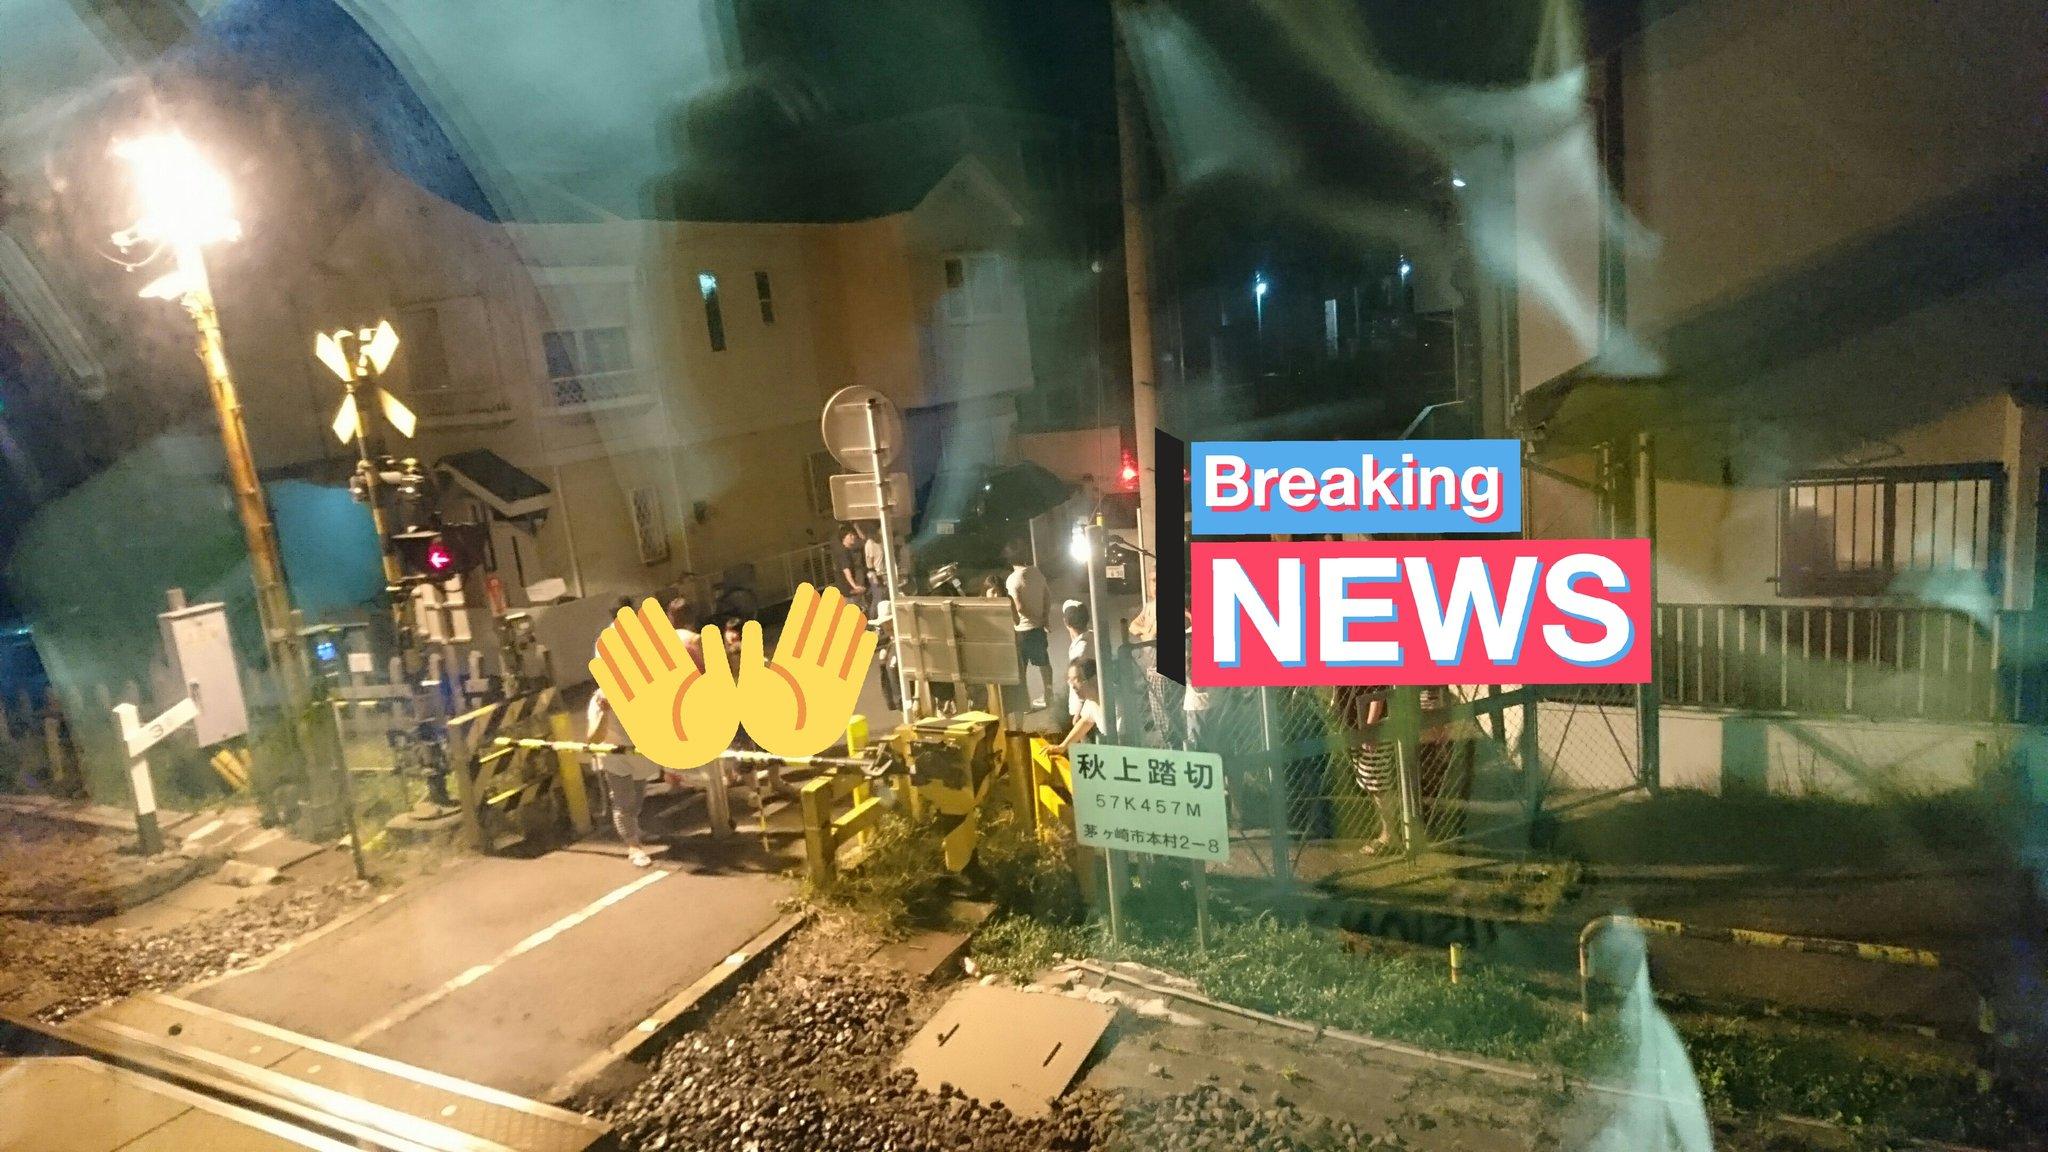 東海道線の辻堂駅駅~茅ヶ崎駅間で人身事故が起きた現場の画像